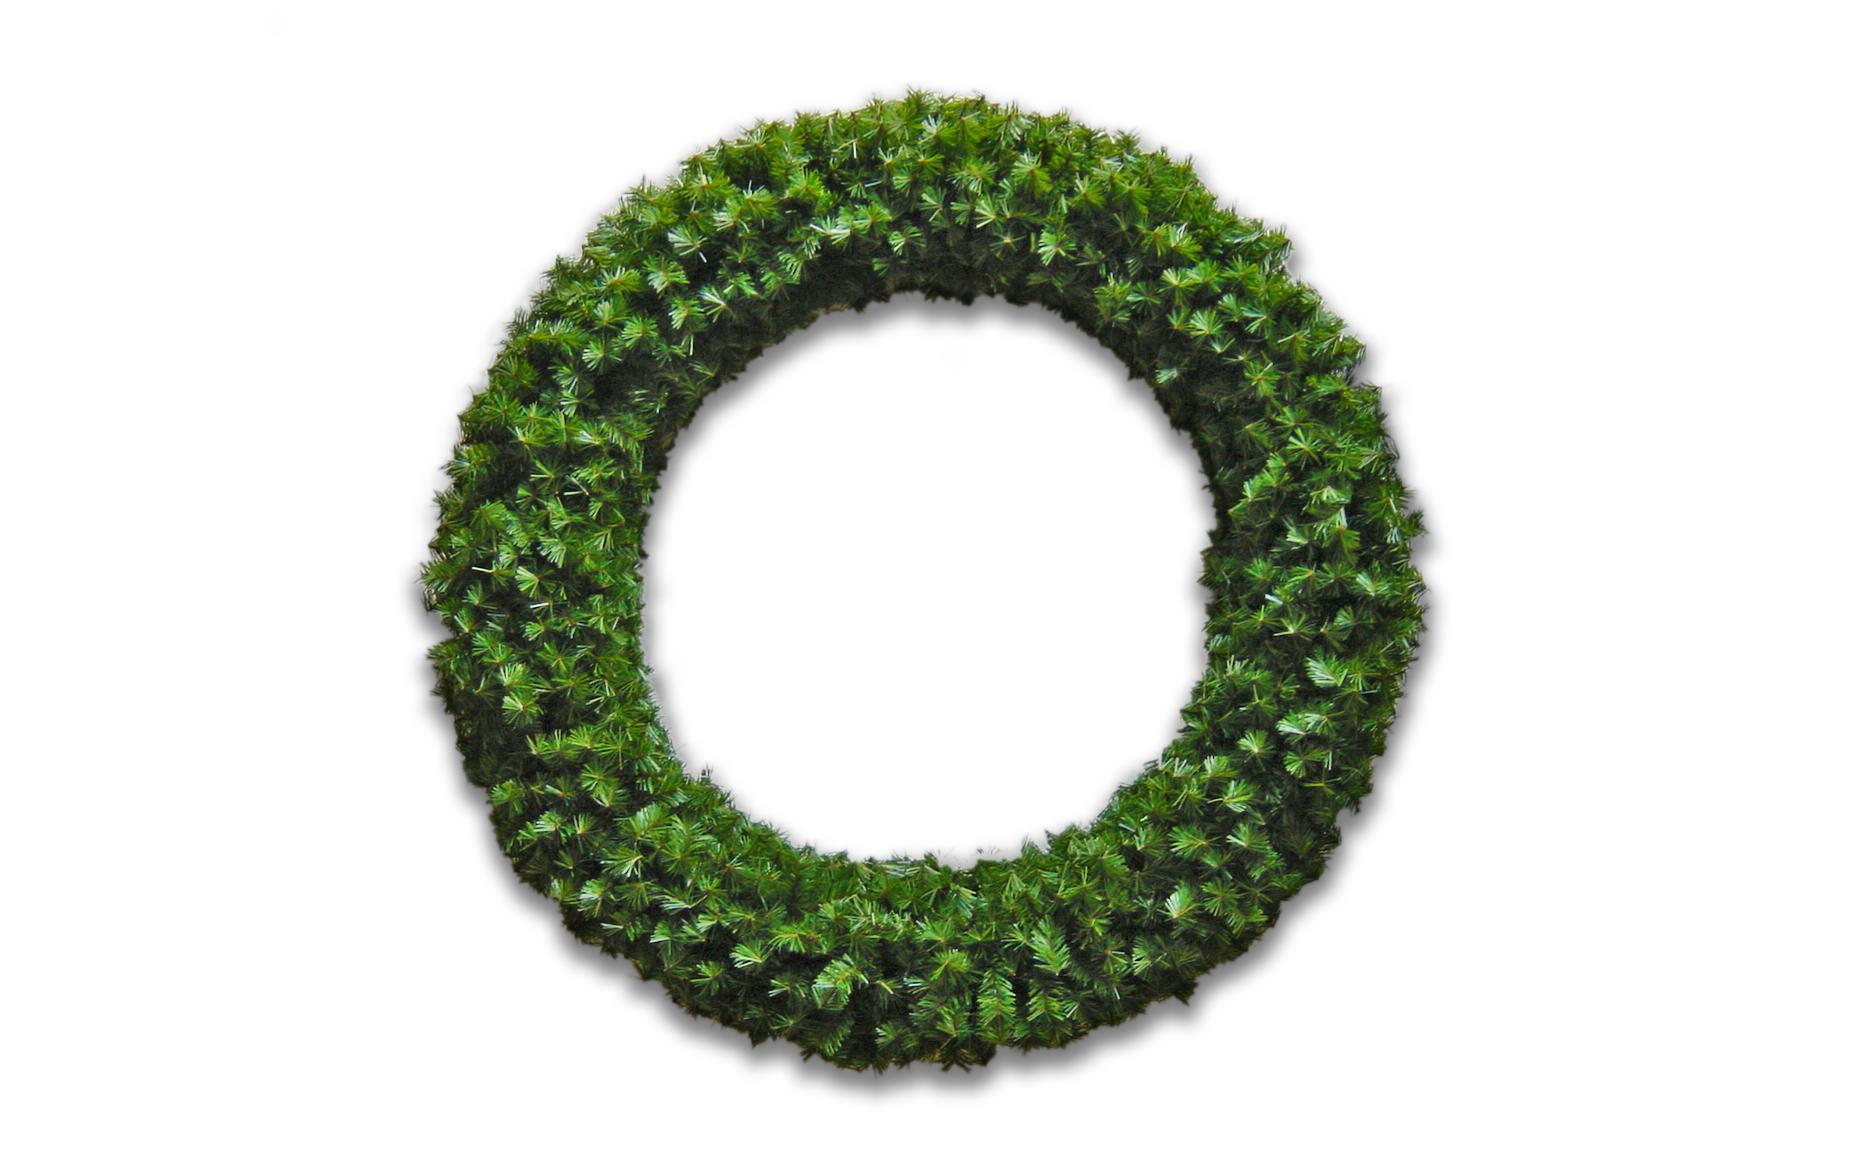 grüner Maibaumkranz